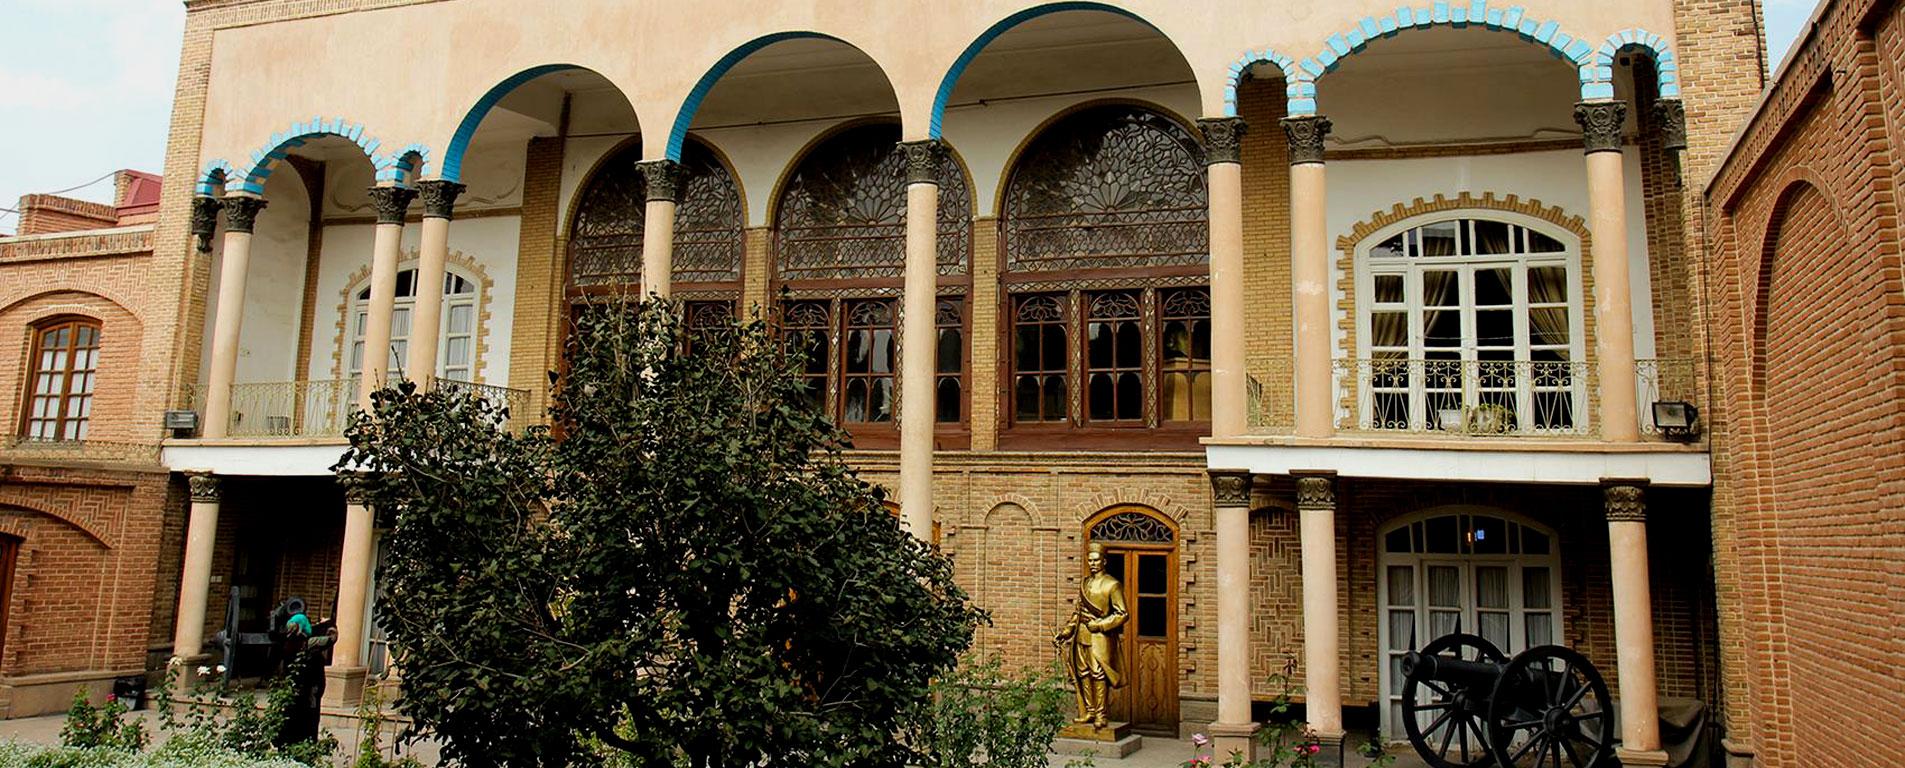 خانه مشروطه تبریز   موزه مشروطه